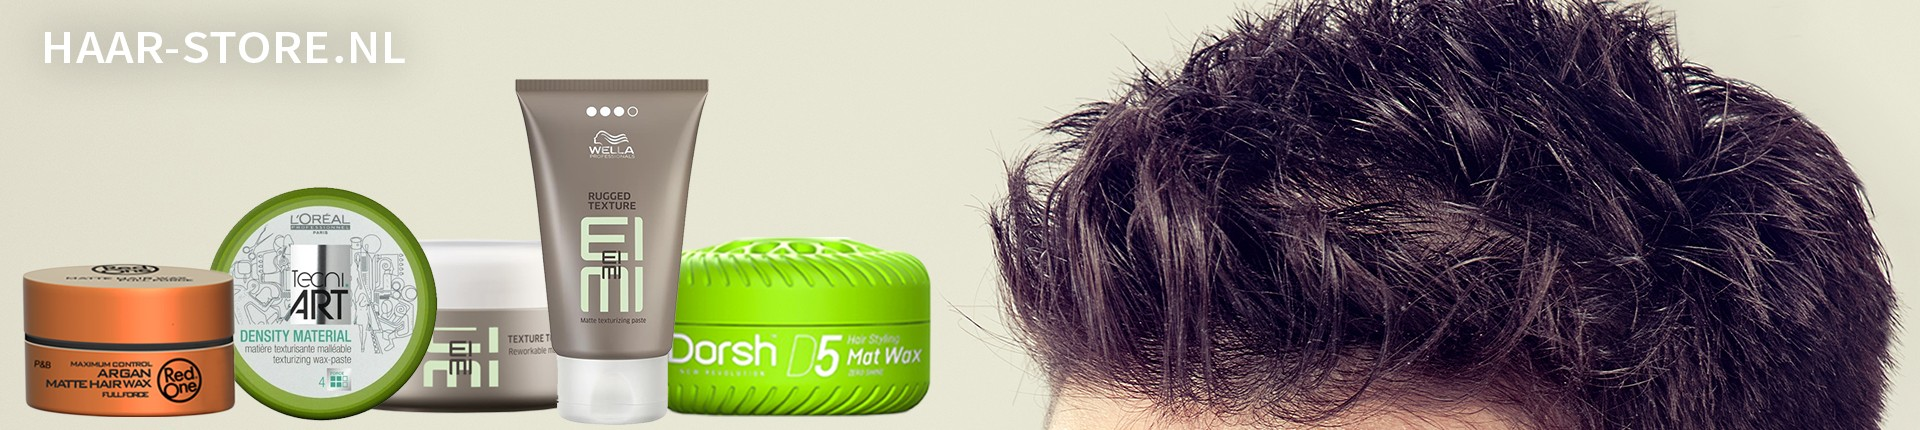 Haarwax | Haarproducten